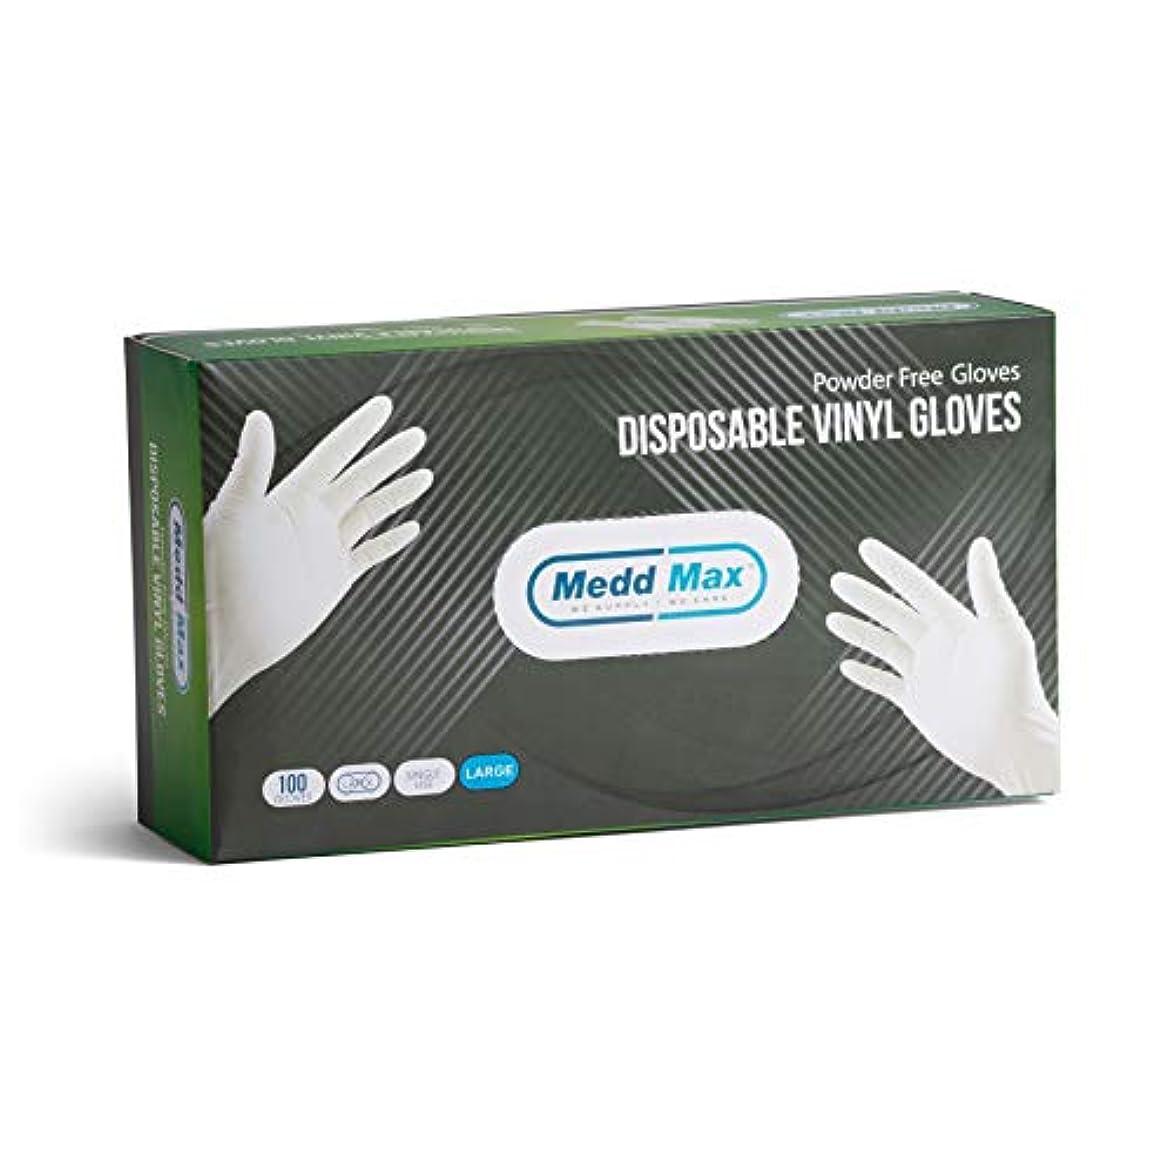 バーチャルパキスタンエンゲージメントMedd Max 使い捨て ビニール手袋 パウダー フリーサイズ ラージ 試験グレード 手袋